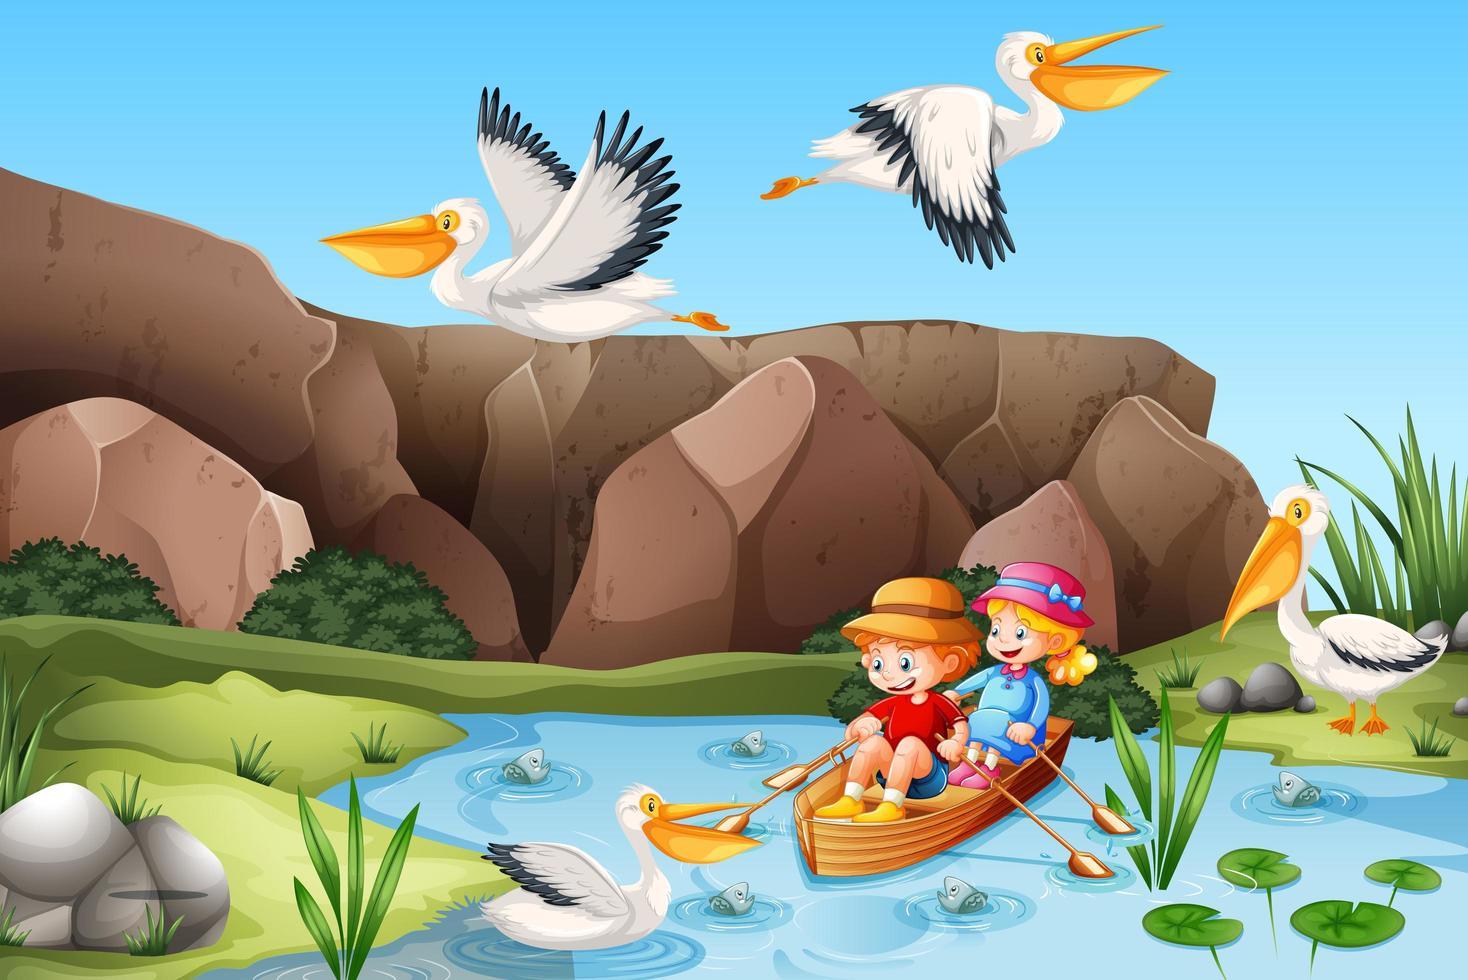 barn roar båten i strömskogsplatsen vektor